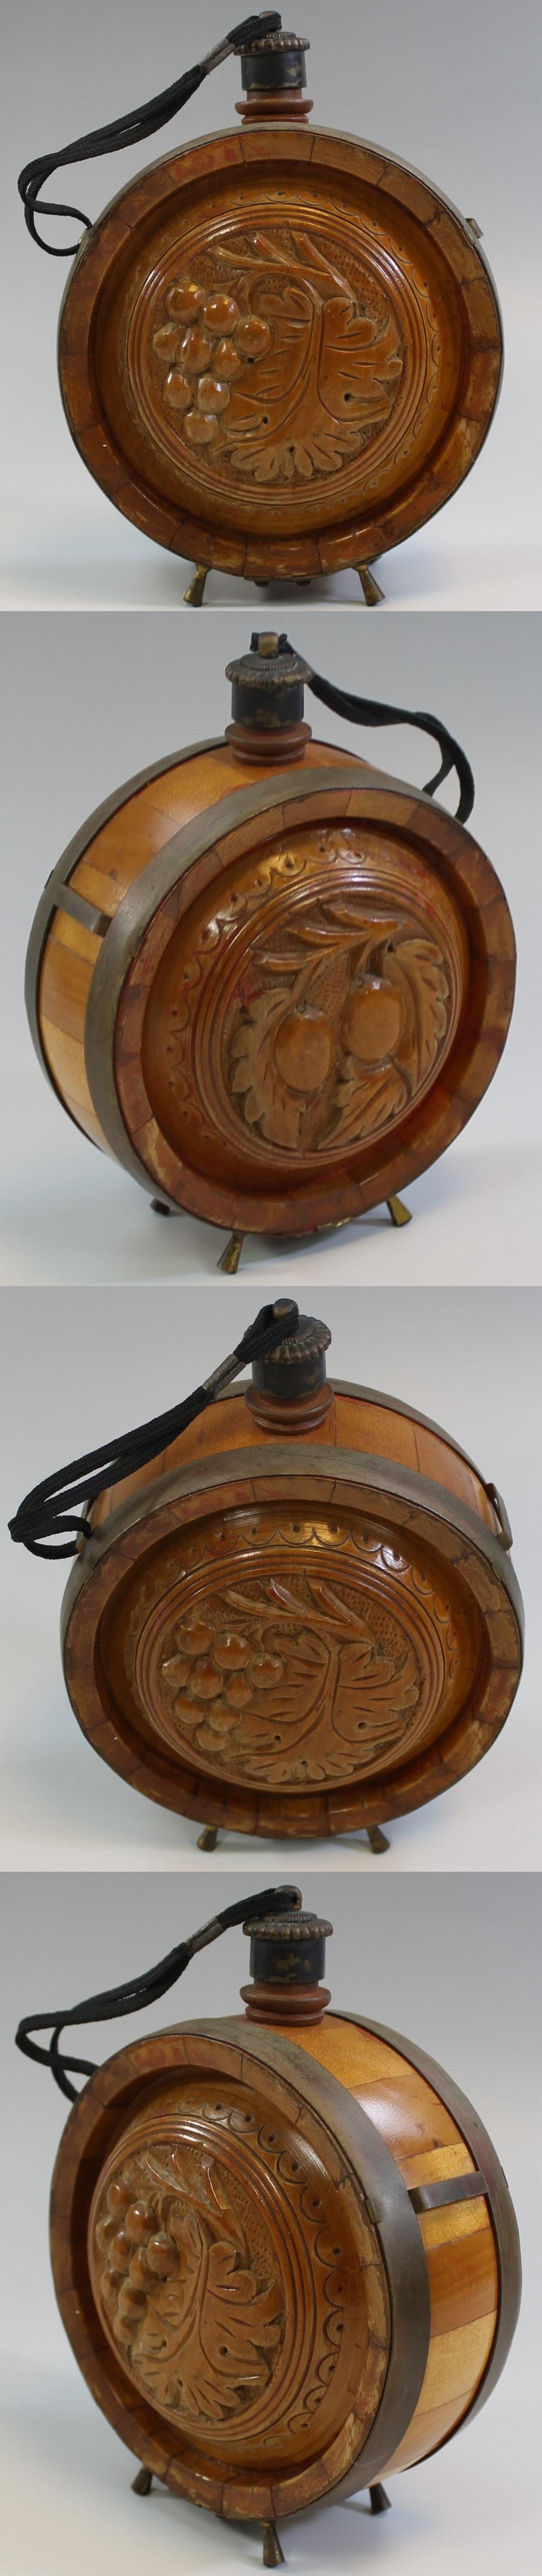 287木彫水筒ワイン入れ1